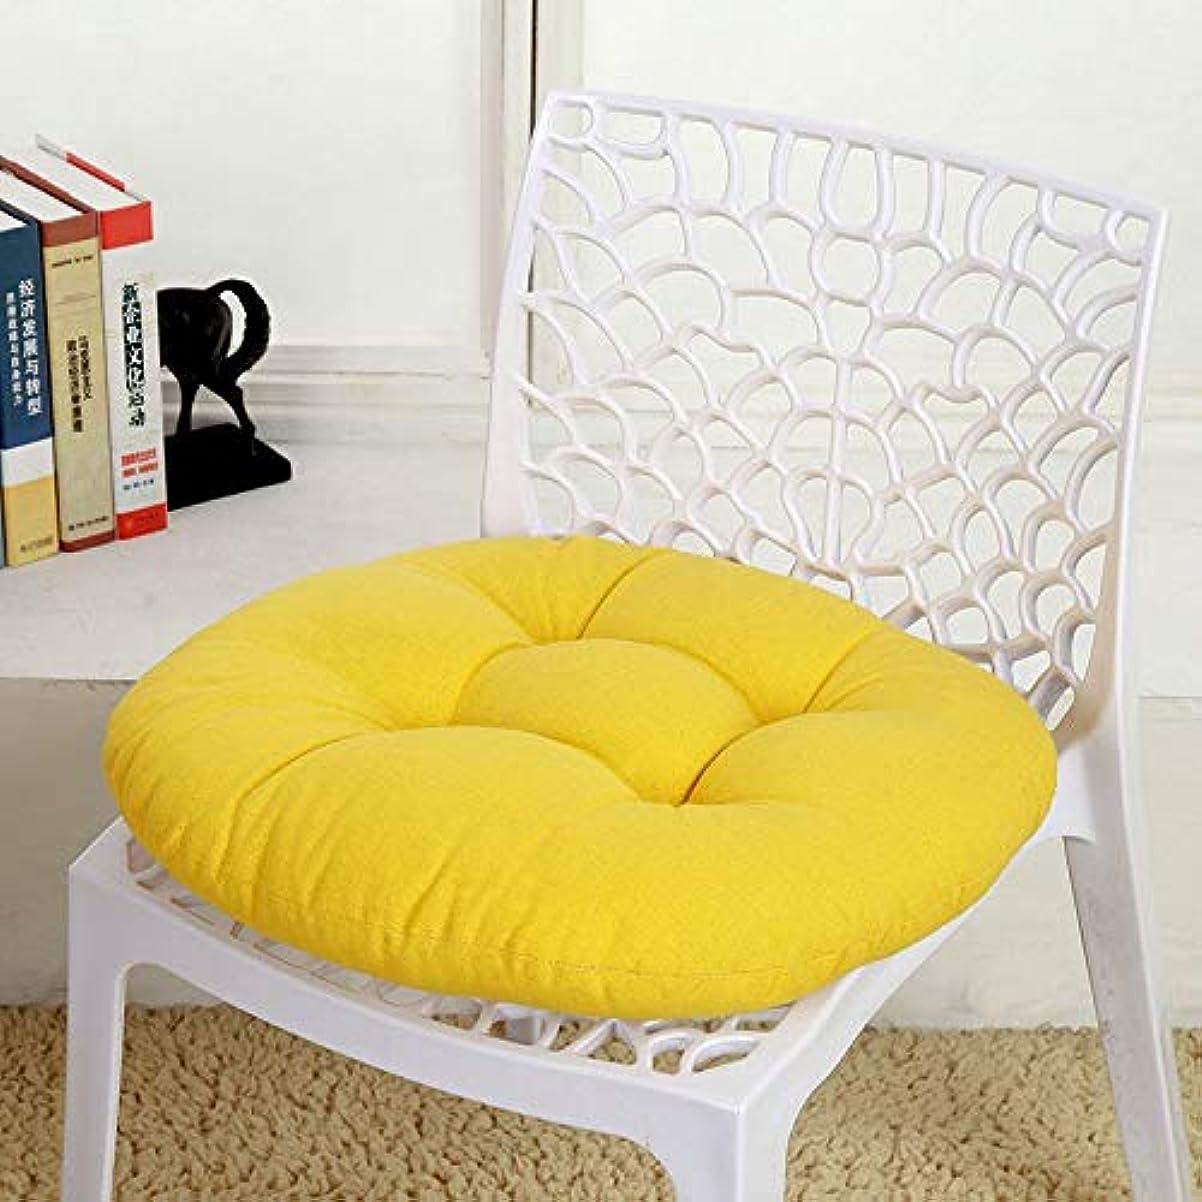 カウンタ本物カーペットLIFE キャンディカラーのクッションラウンドシートクッション波ウィンドウシートクッションクッション家の装飾パッドラウンド枕シート枕椅子座る枕 クッション 椅子